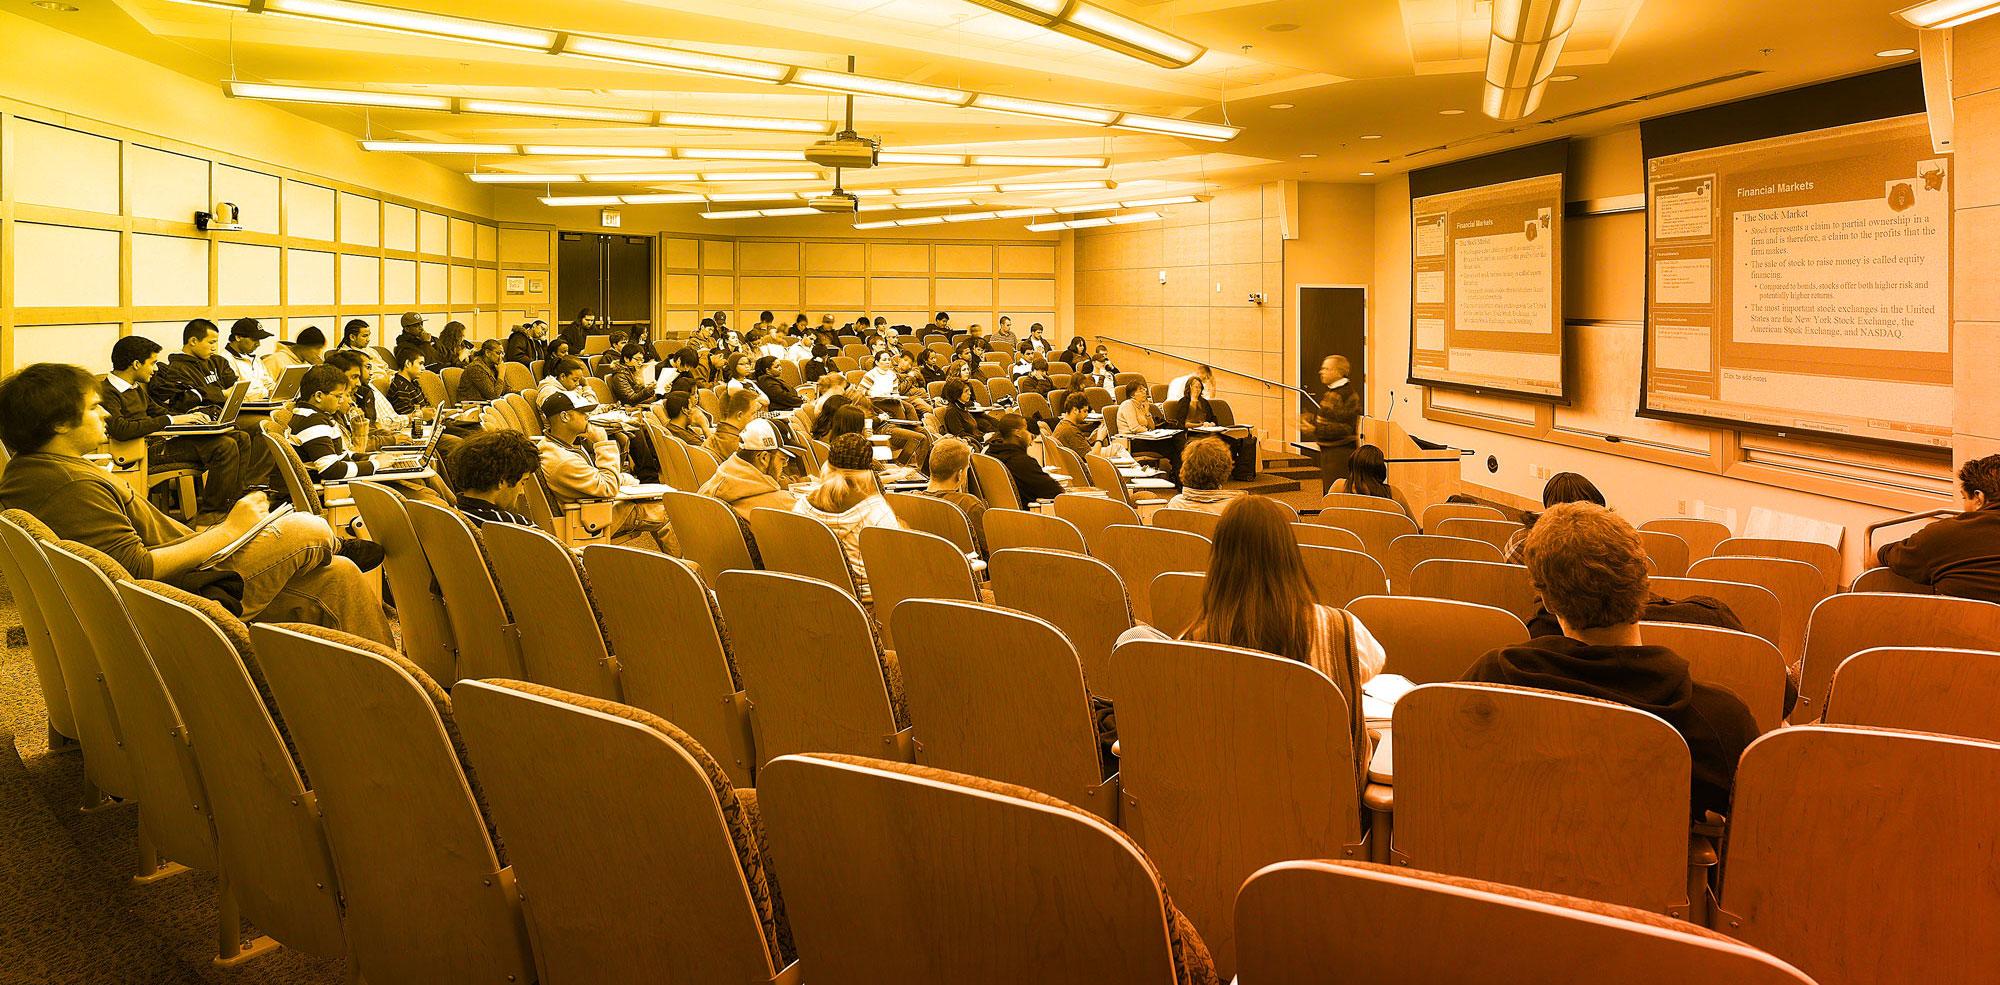 VCU classroom